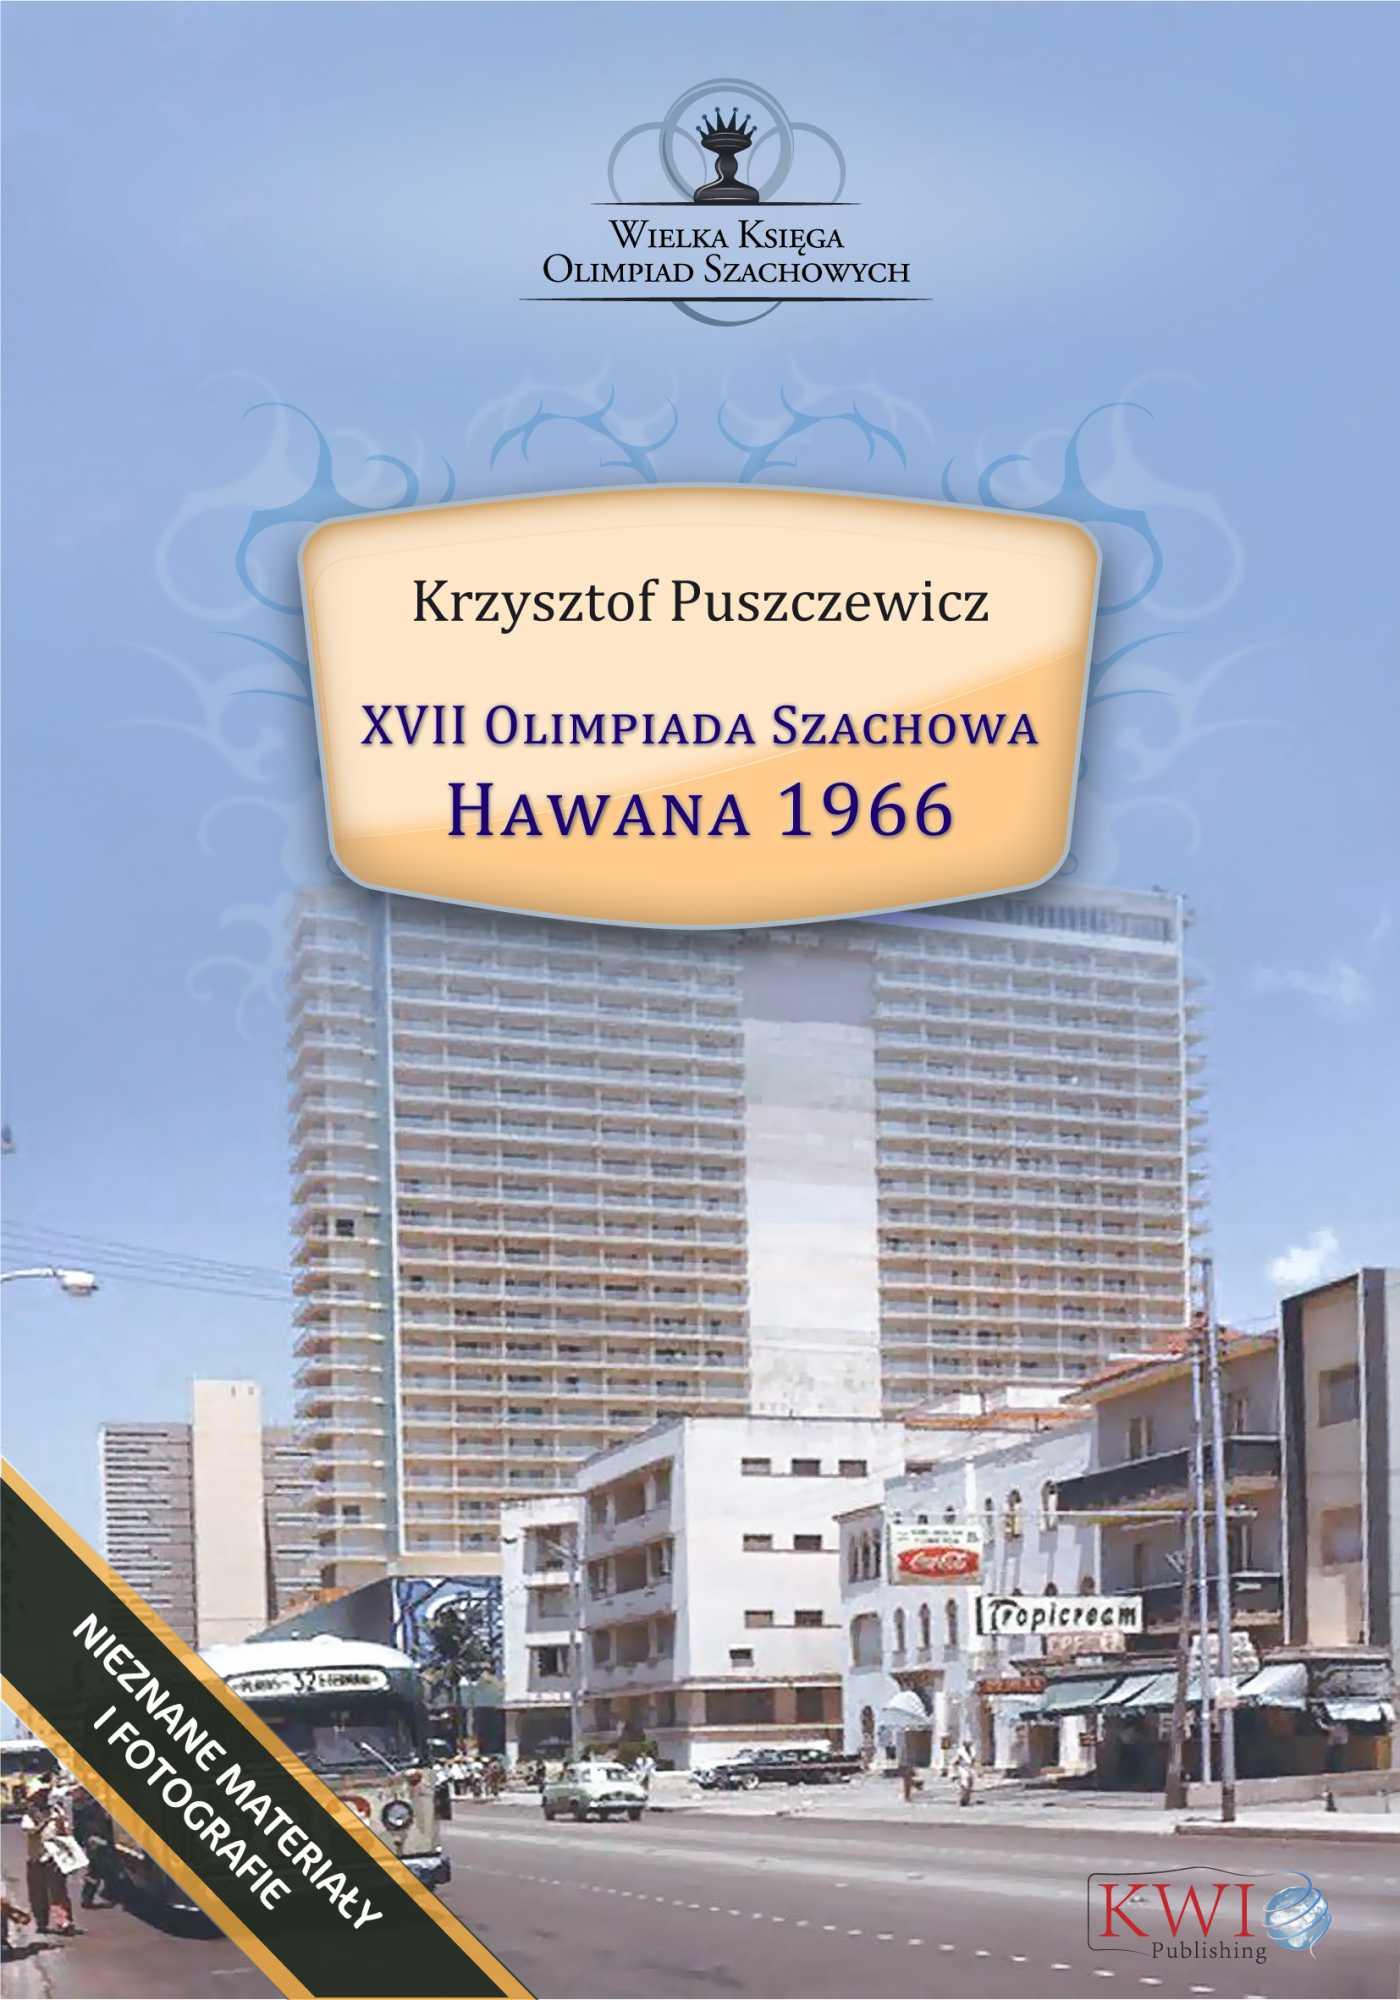 XVII Olimpiada Szachowa – Hawana 1966